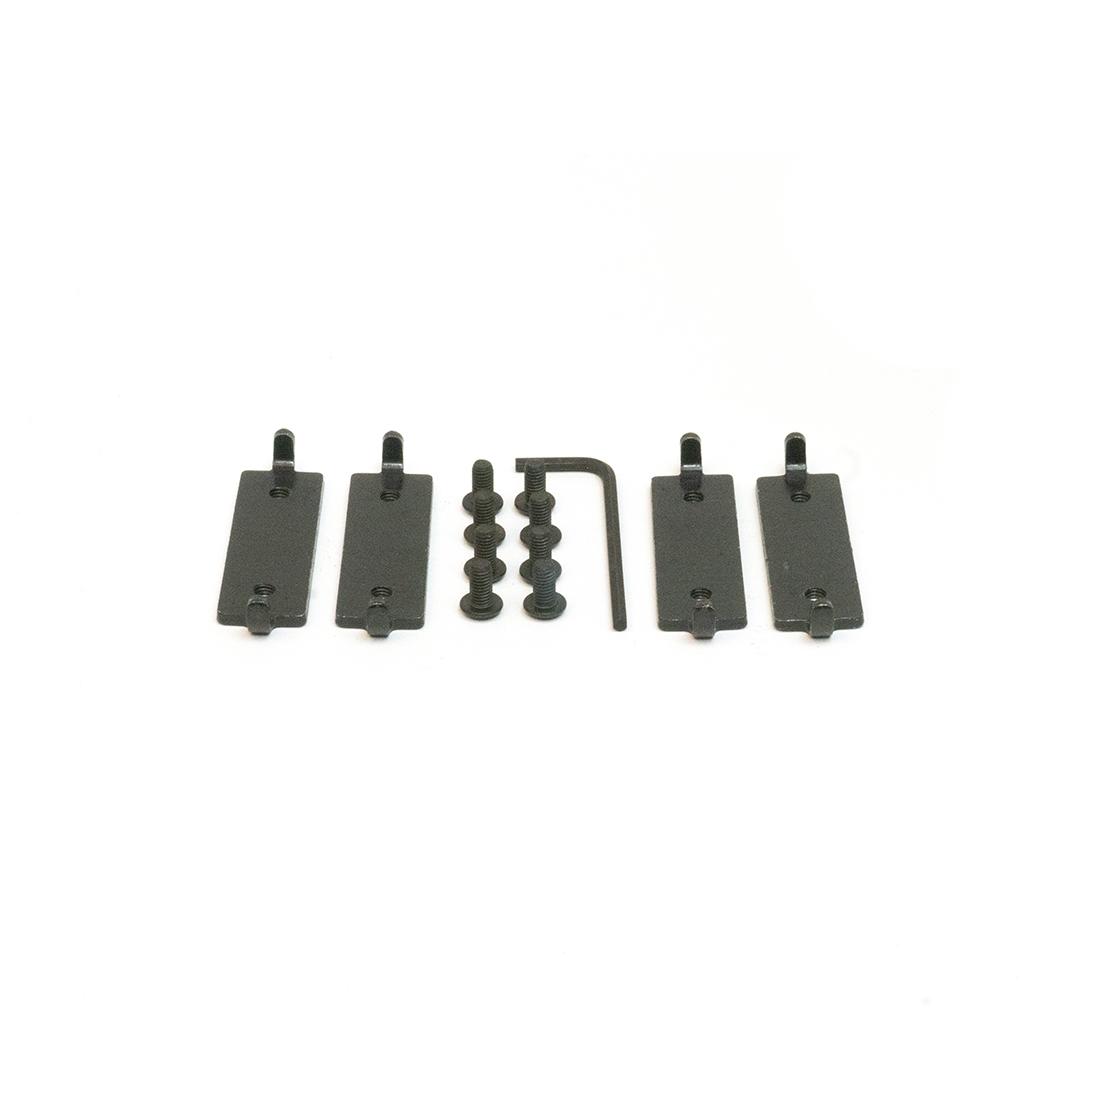 Velo Column Hardware Kit